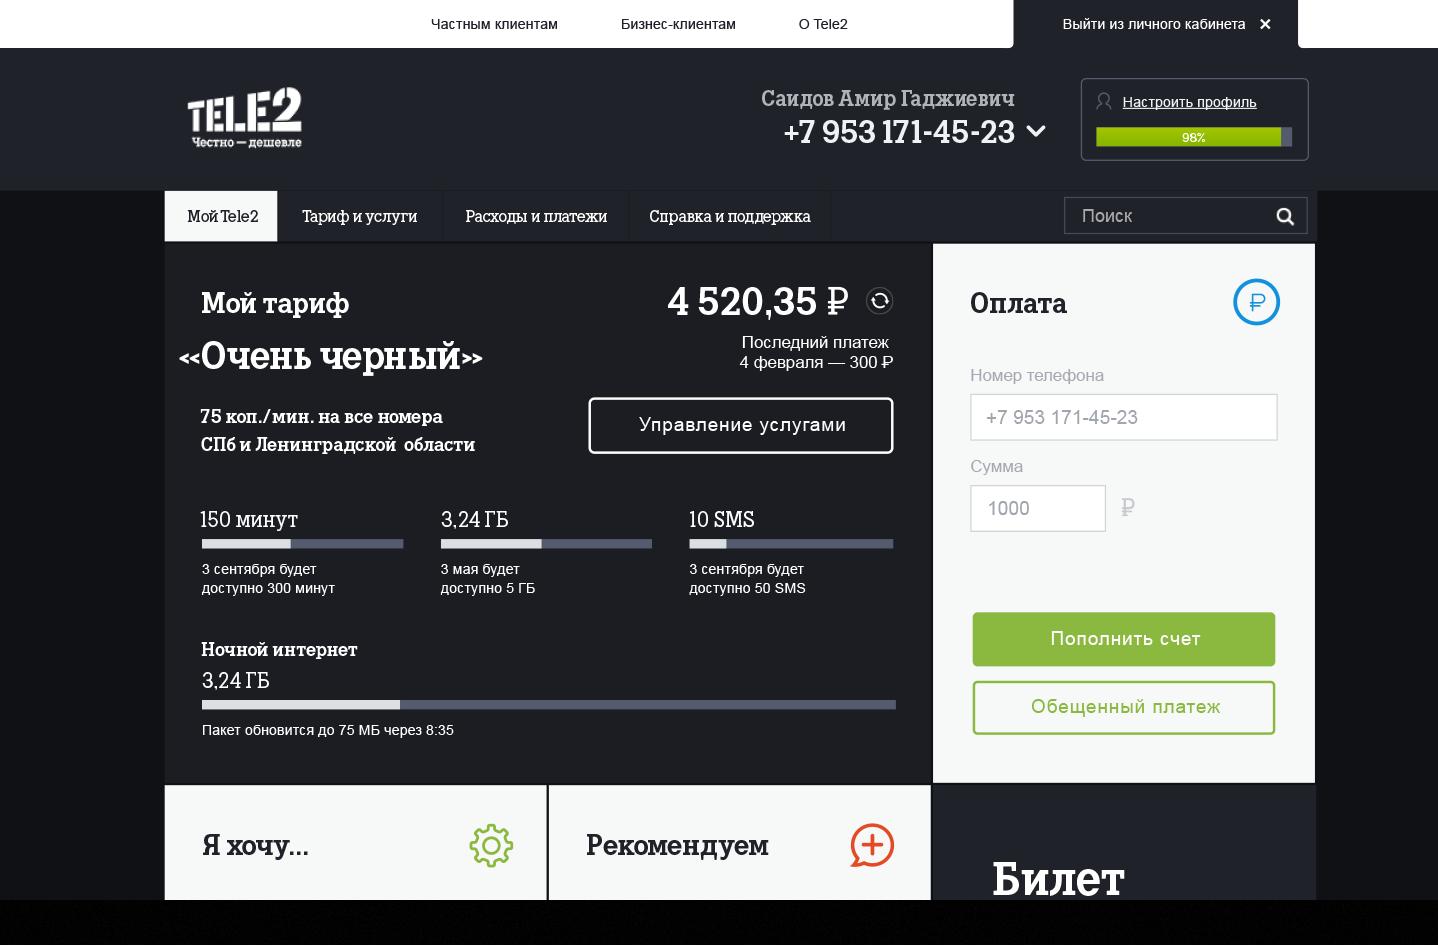 Сайт компании теле2 интернет магазин сделать движок